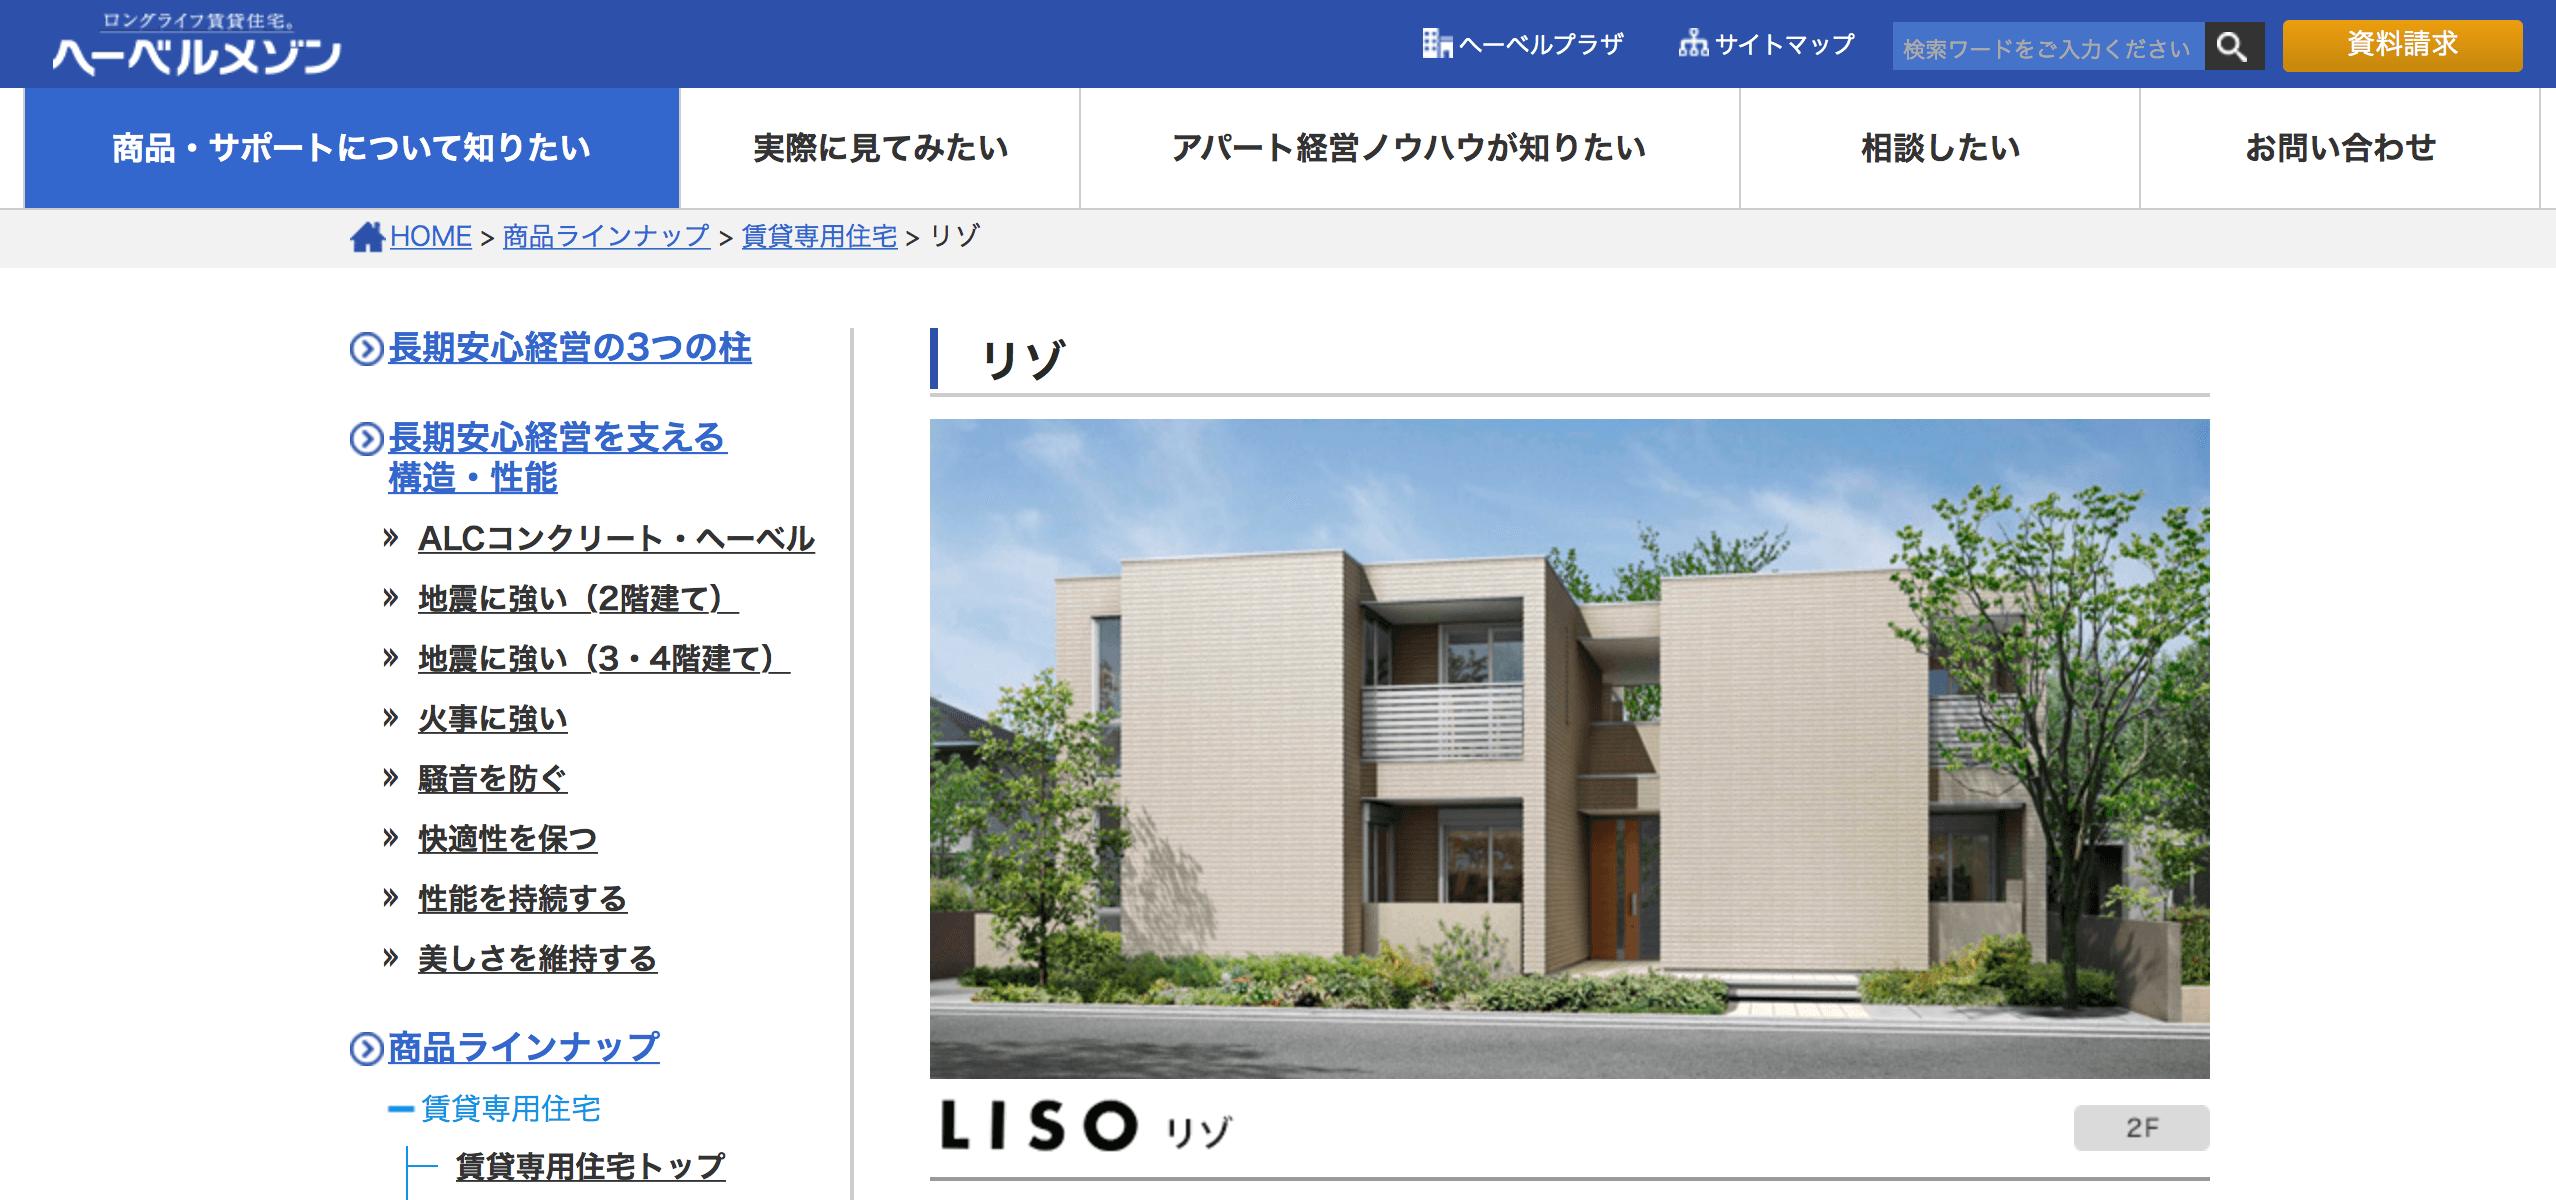 旭化成ホームズ株式会社の公式ページ